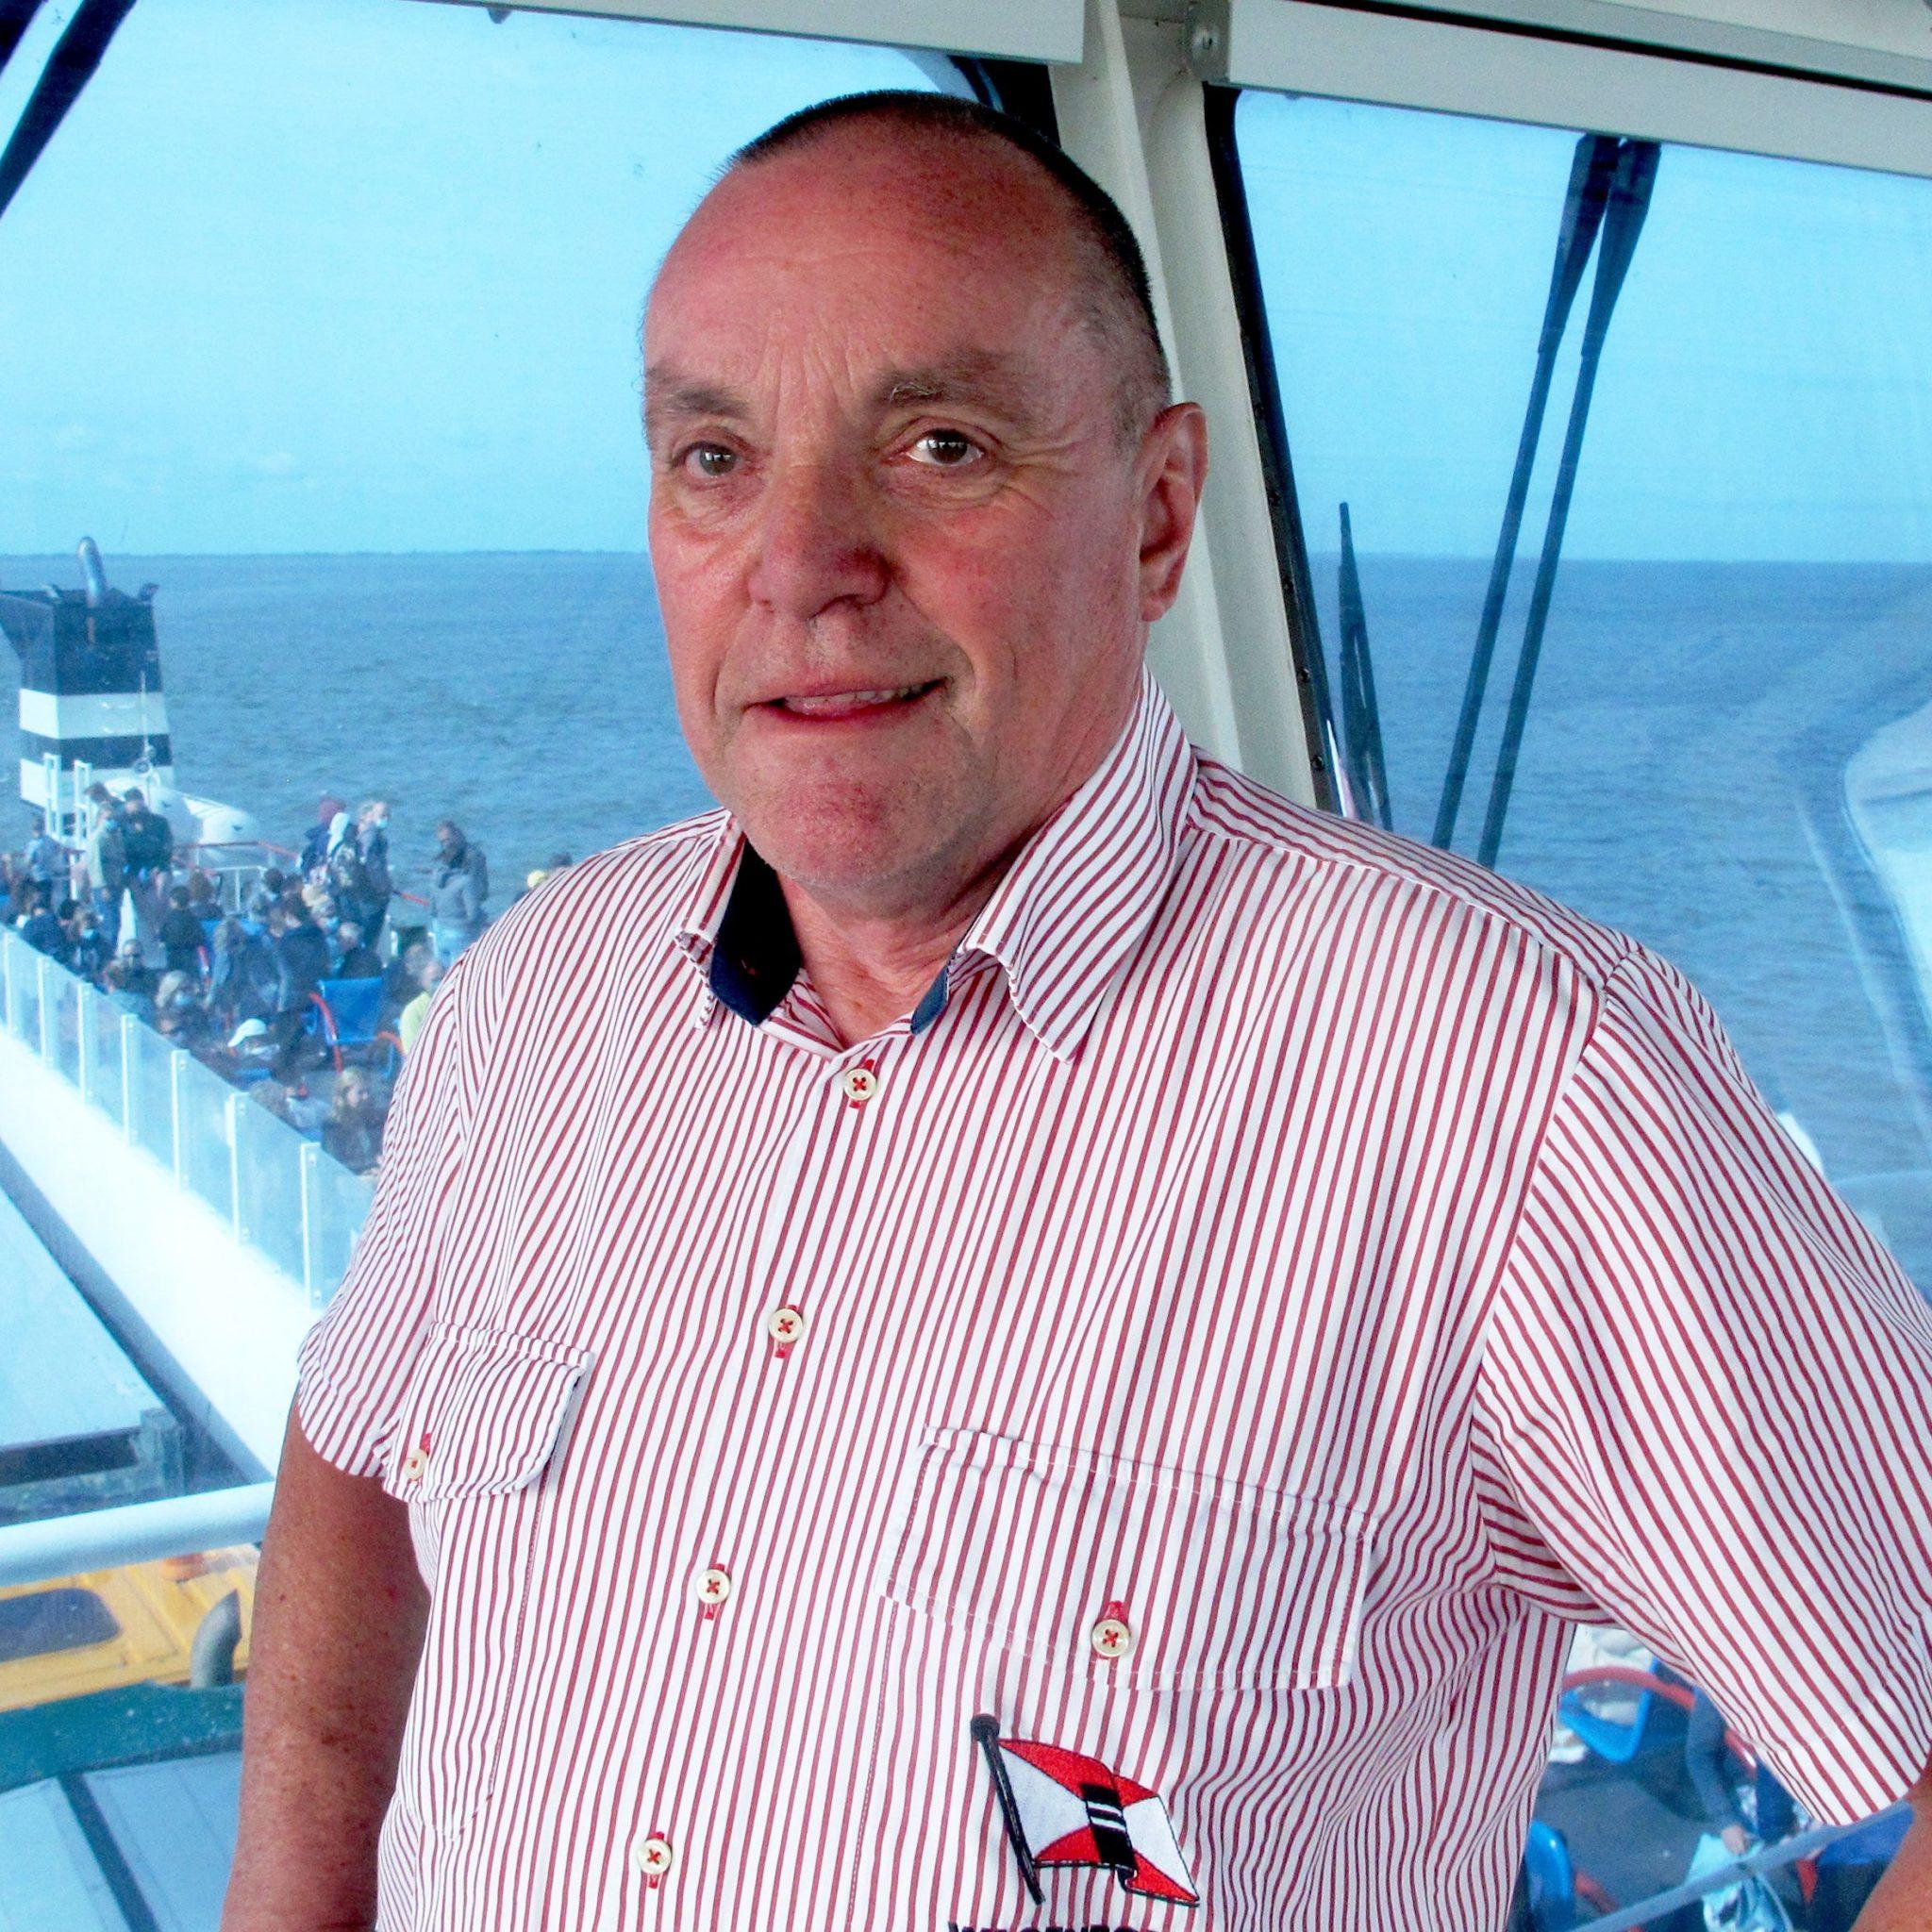 Reinder van der Boor zegt in eerste instantie nee op de vraag of hij weleens op Schiermonnikoog is geweest. (Foto Henk Zuur)